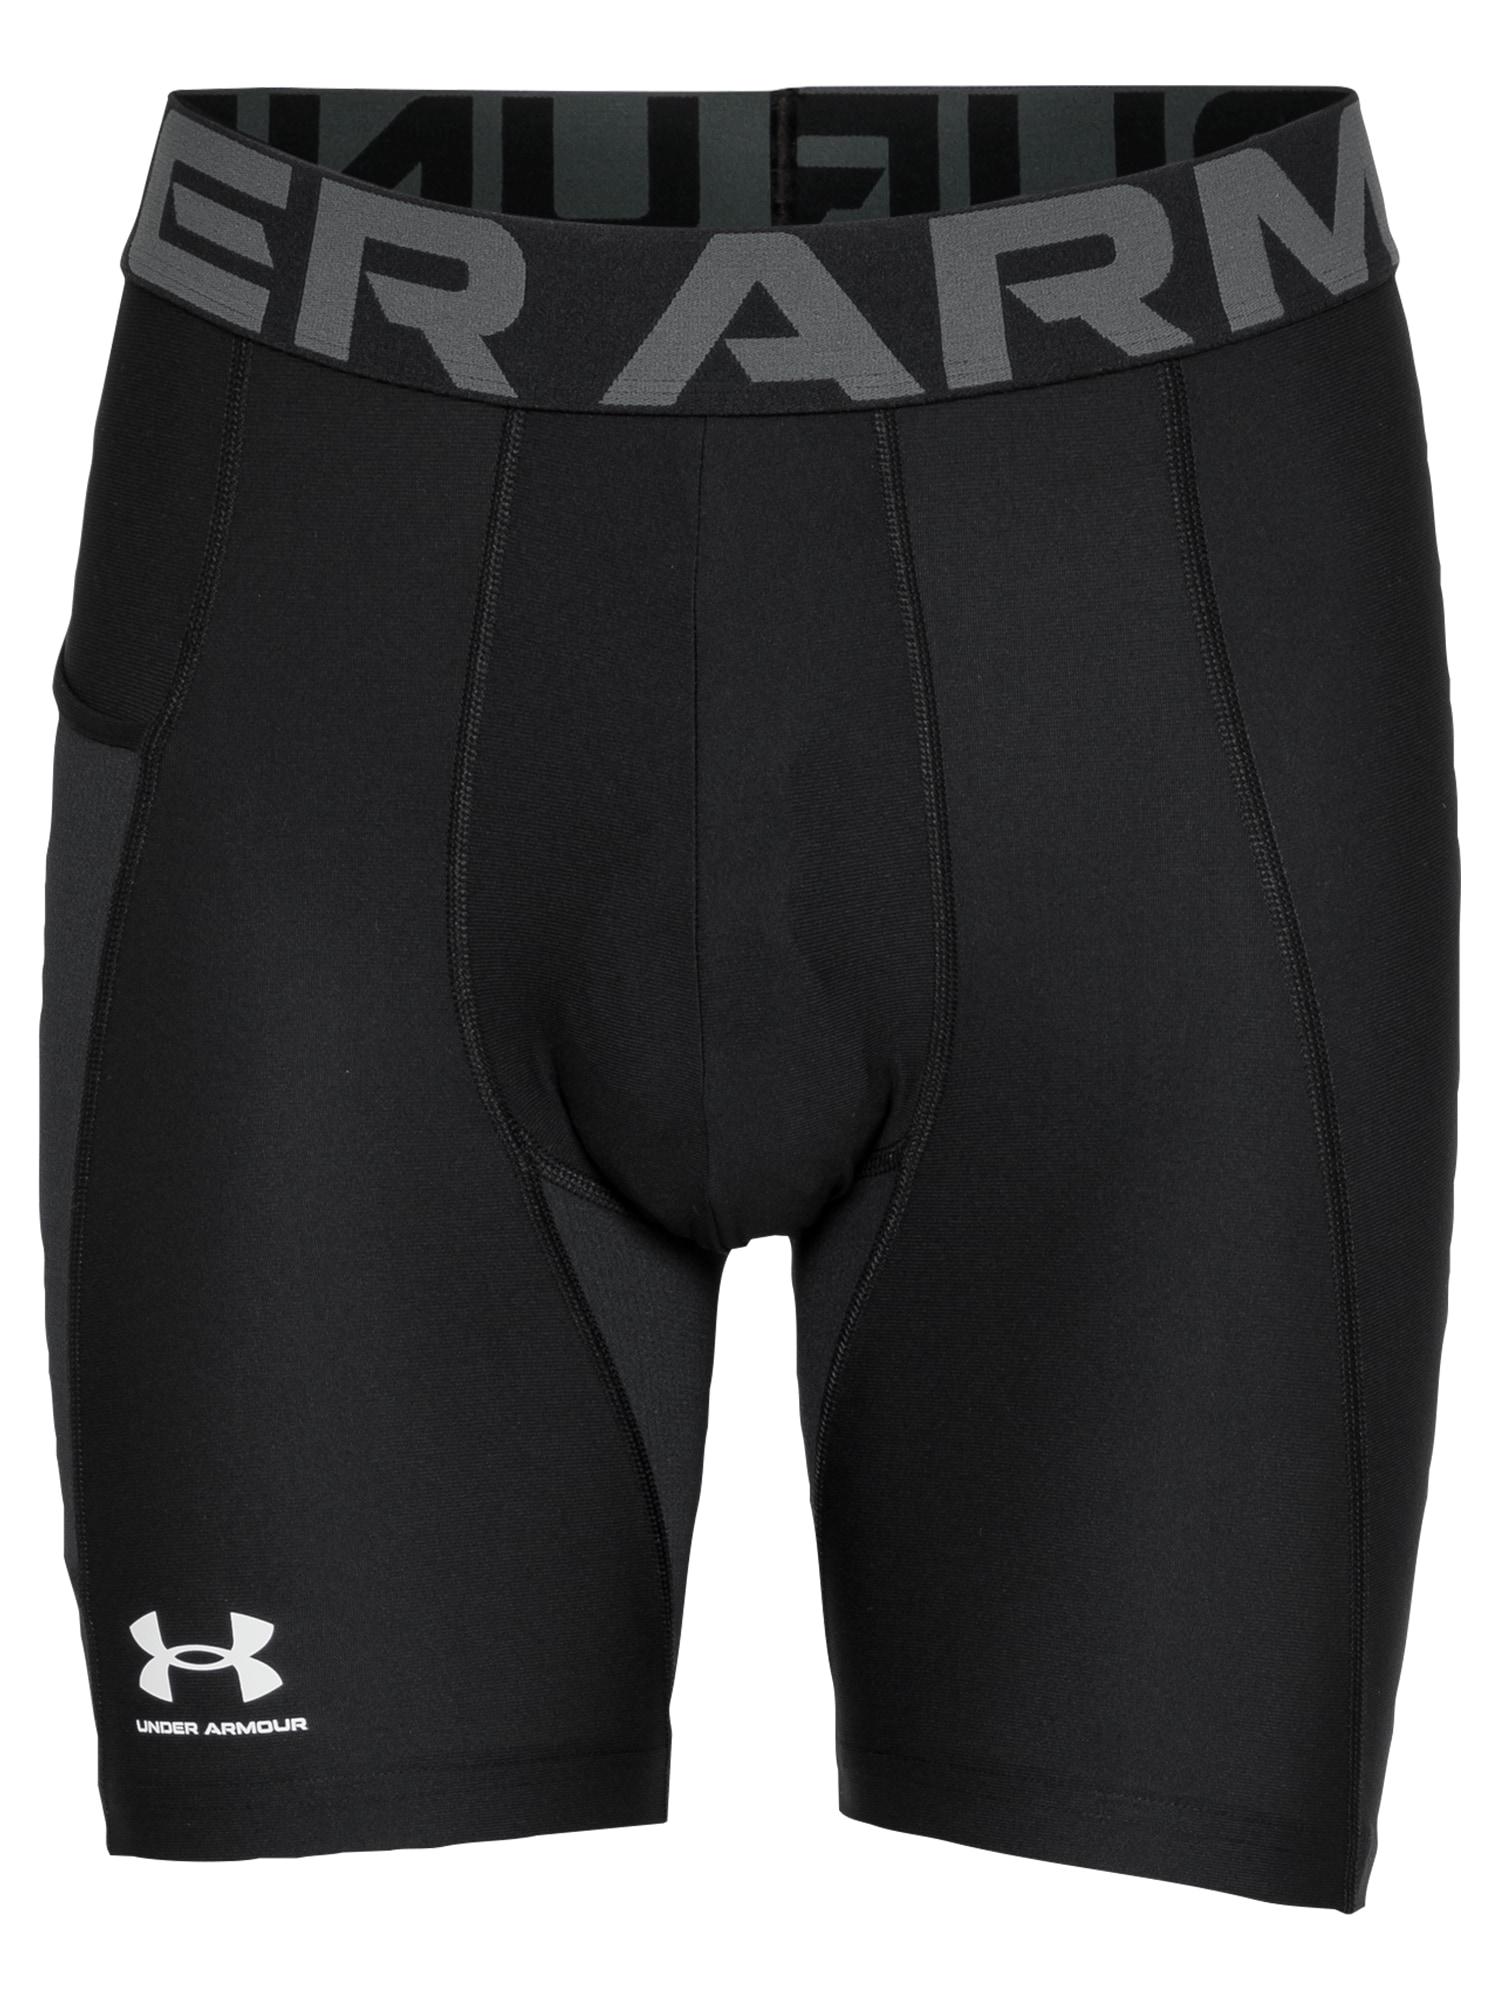 UNDER ARMOUR Sportinės kelnės juoda / pilka / balta